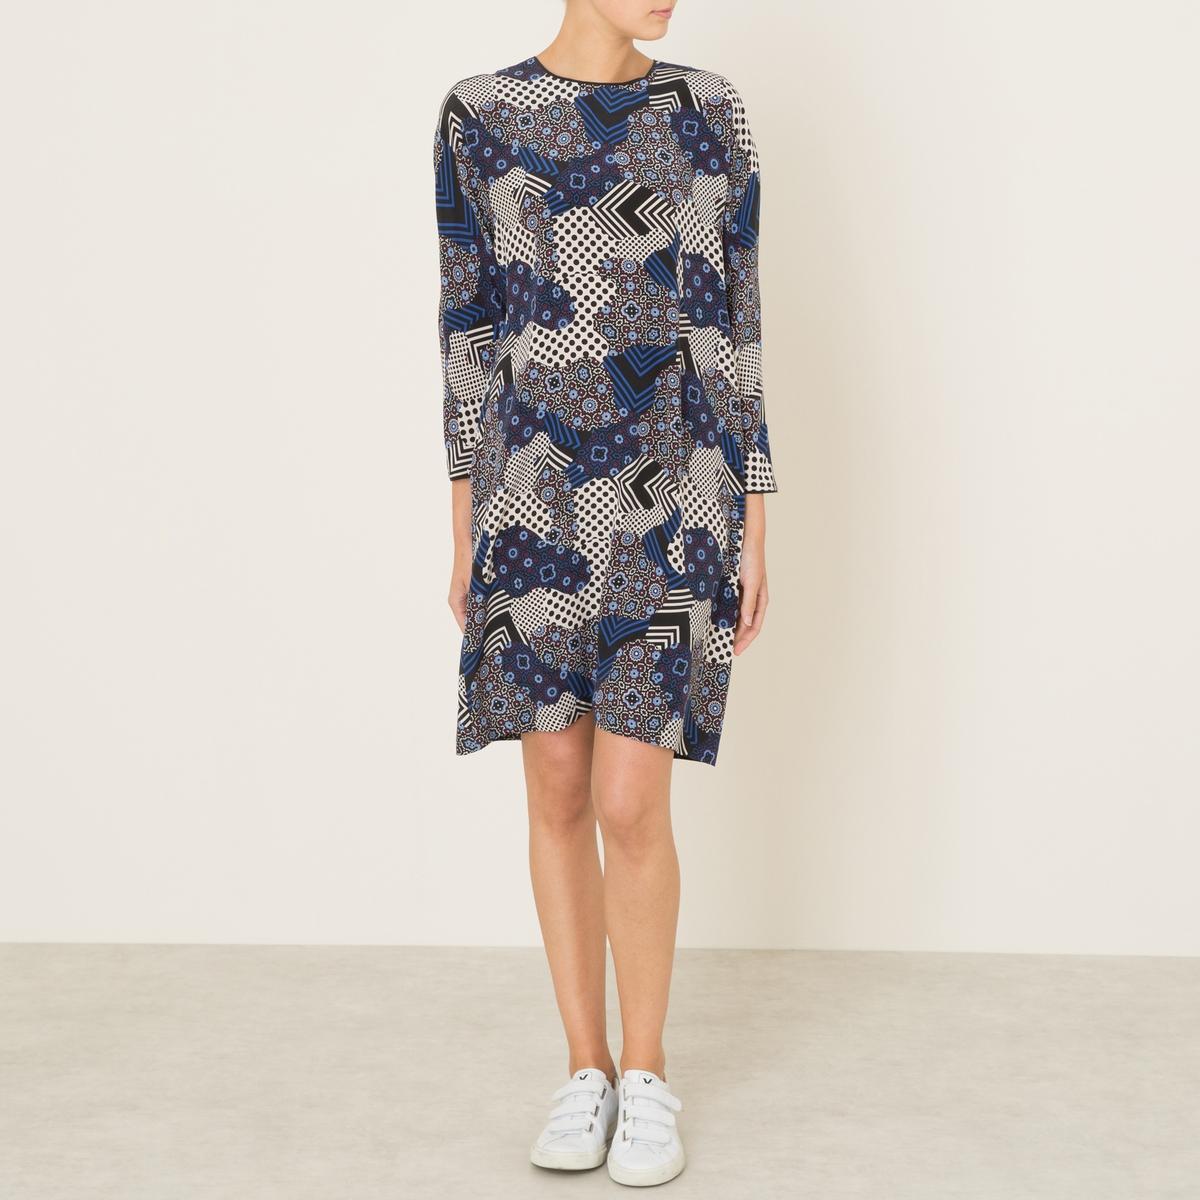 Платье BAKERПлатье TOUPY, модель BAKER. Из шелка. Круглый вырез. Вырез-капелька сзади. Длинные рукава. Оригинальный сплошной рисунок. Из тонкой струящейся ткани.Состав и описаниеМатериал : 100% шелк Длина : 92 см. (для размера S)Марка : TOUPY<br><br>Цвет: темно-синий<br>Размер: S